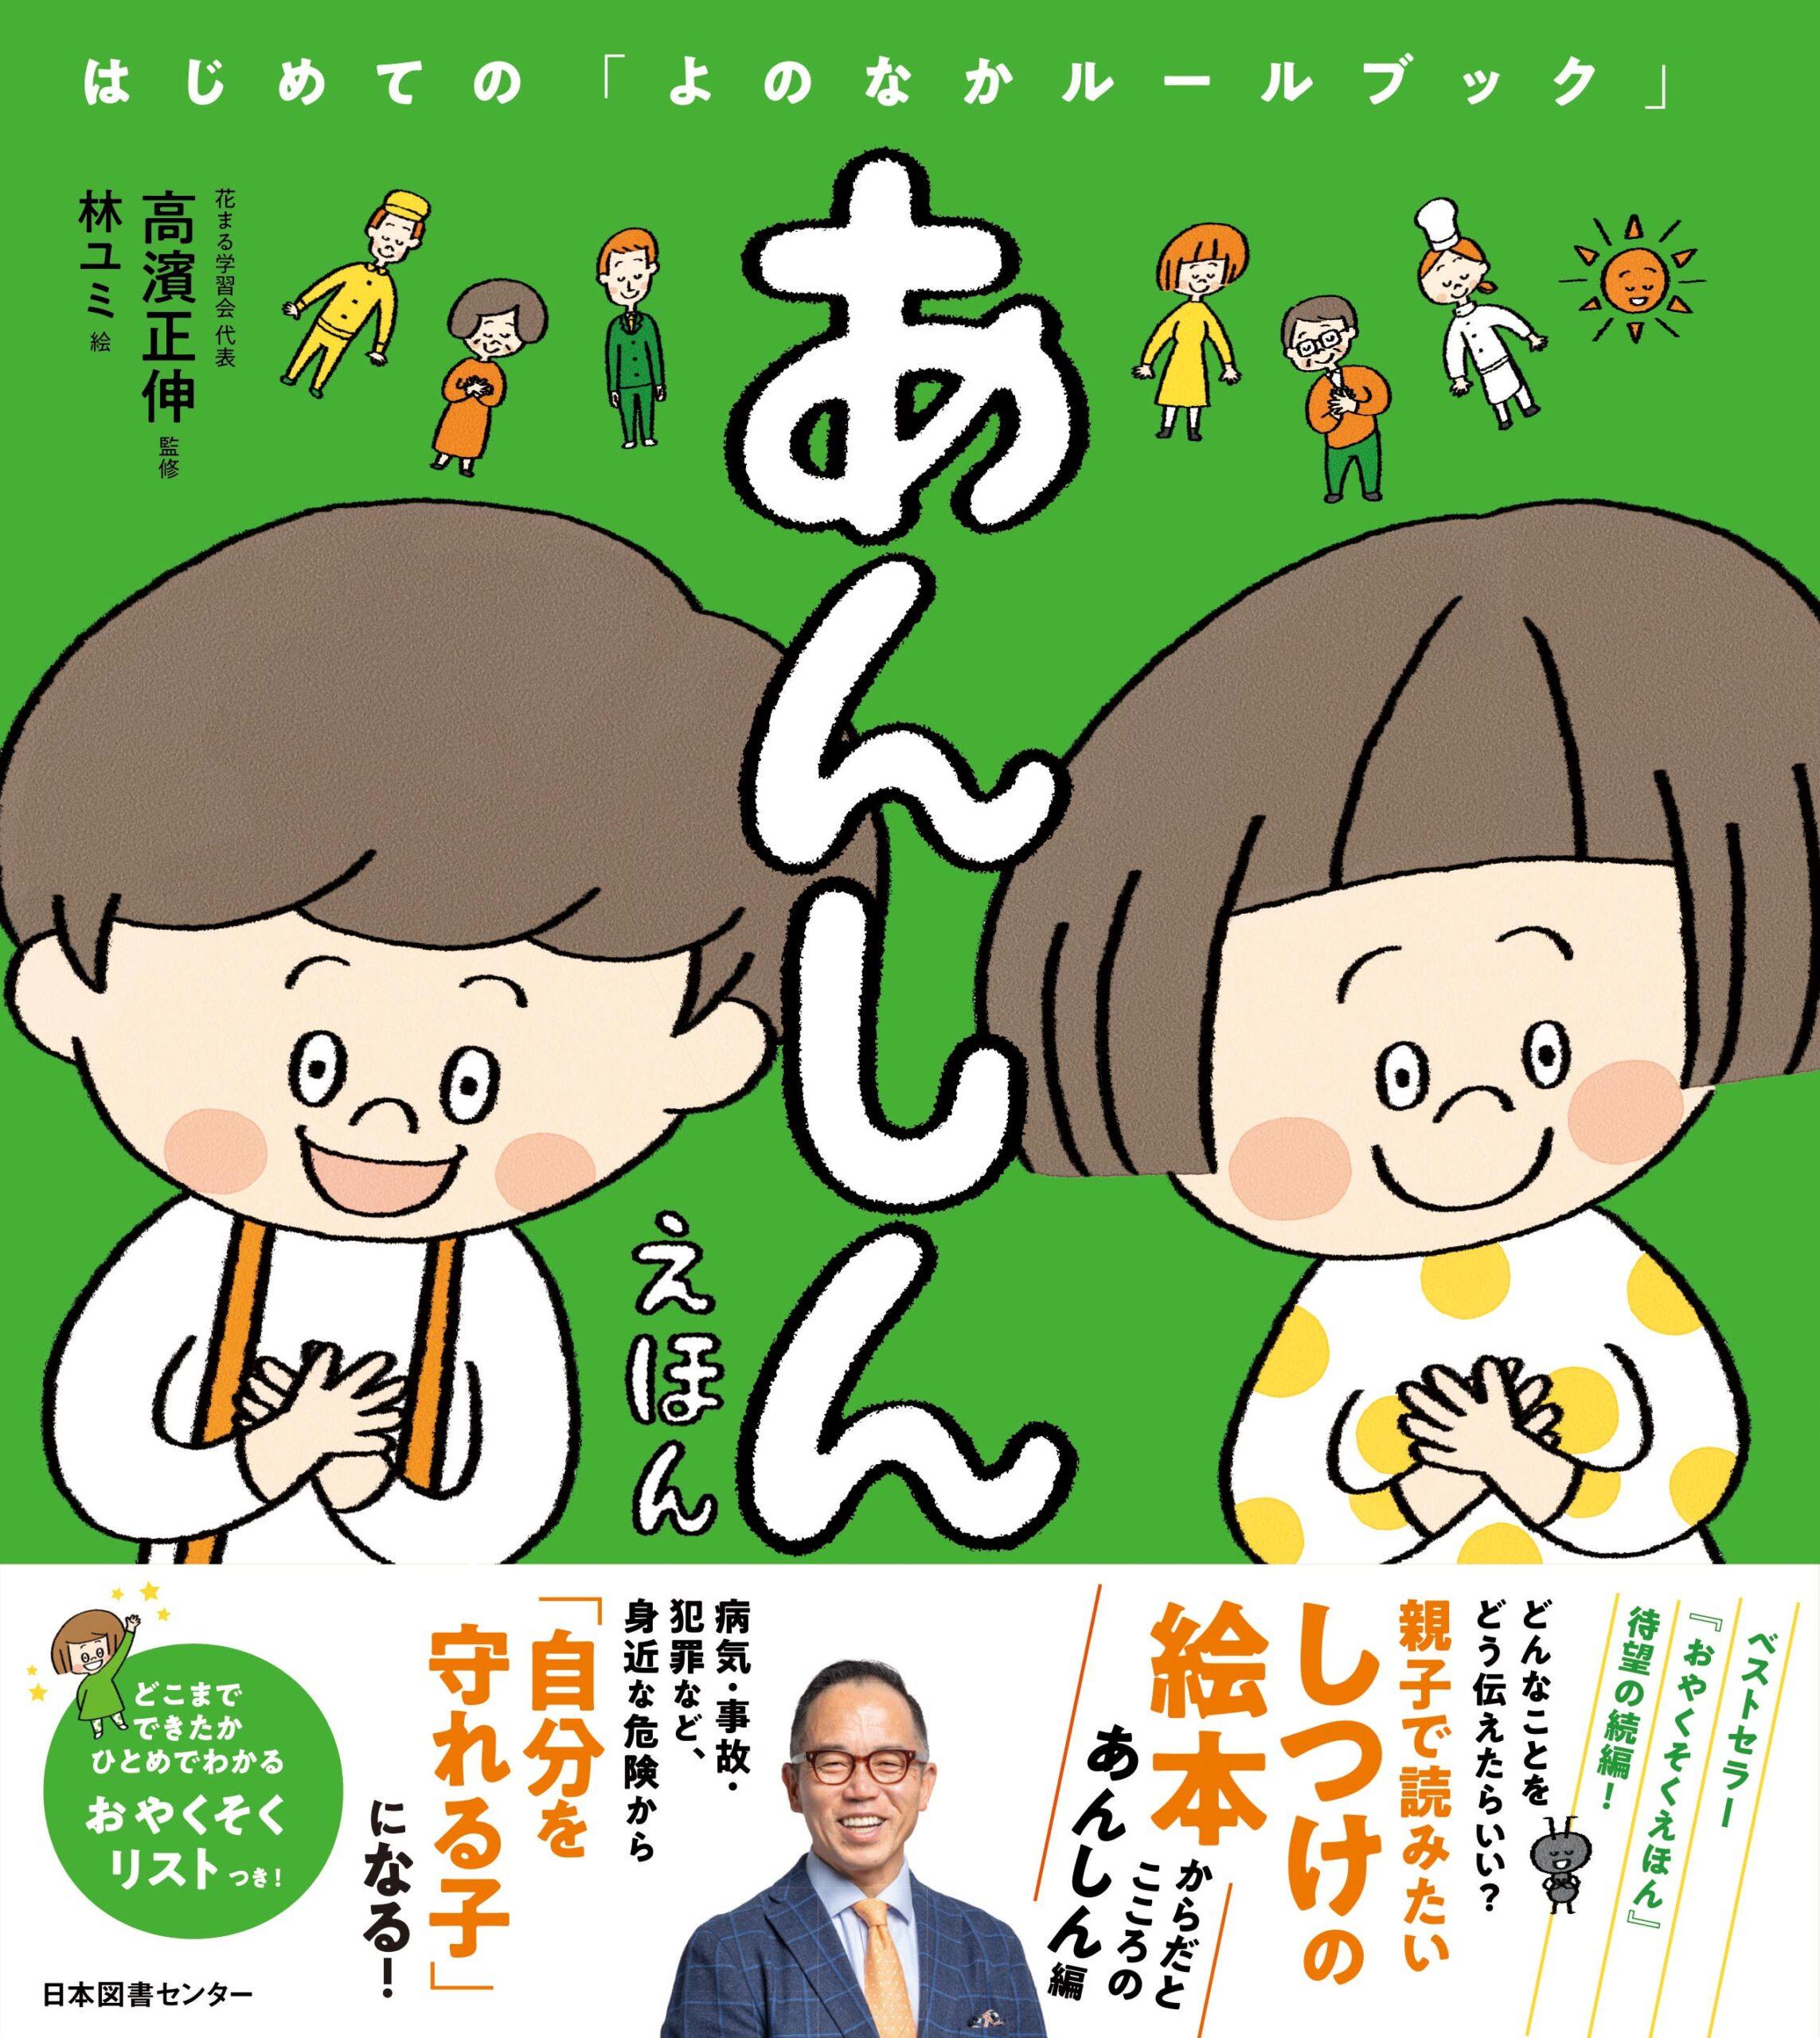 紀伊國屋書店:日本図書センター『あんしんえほん』発売記念ポイント2倍キャンペーン